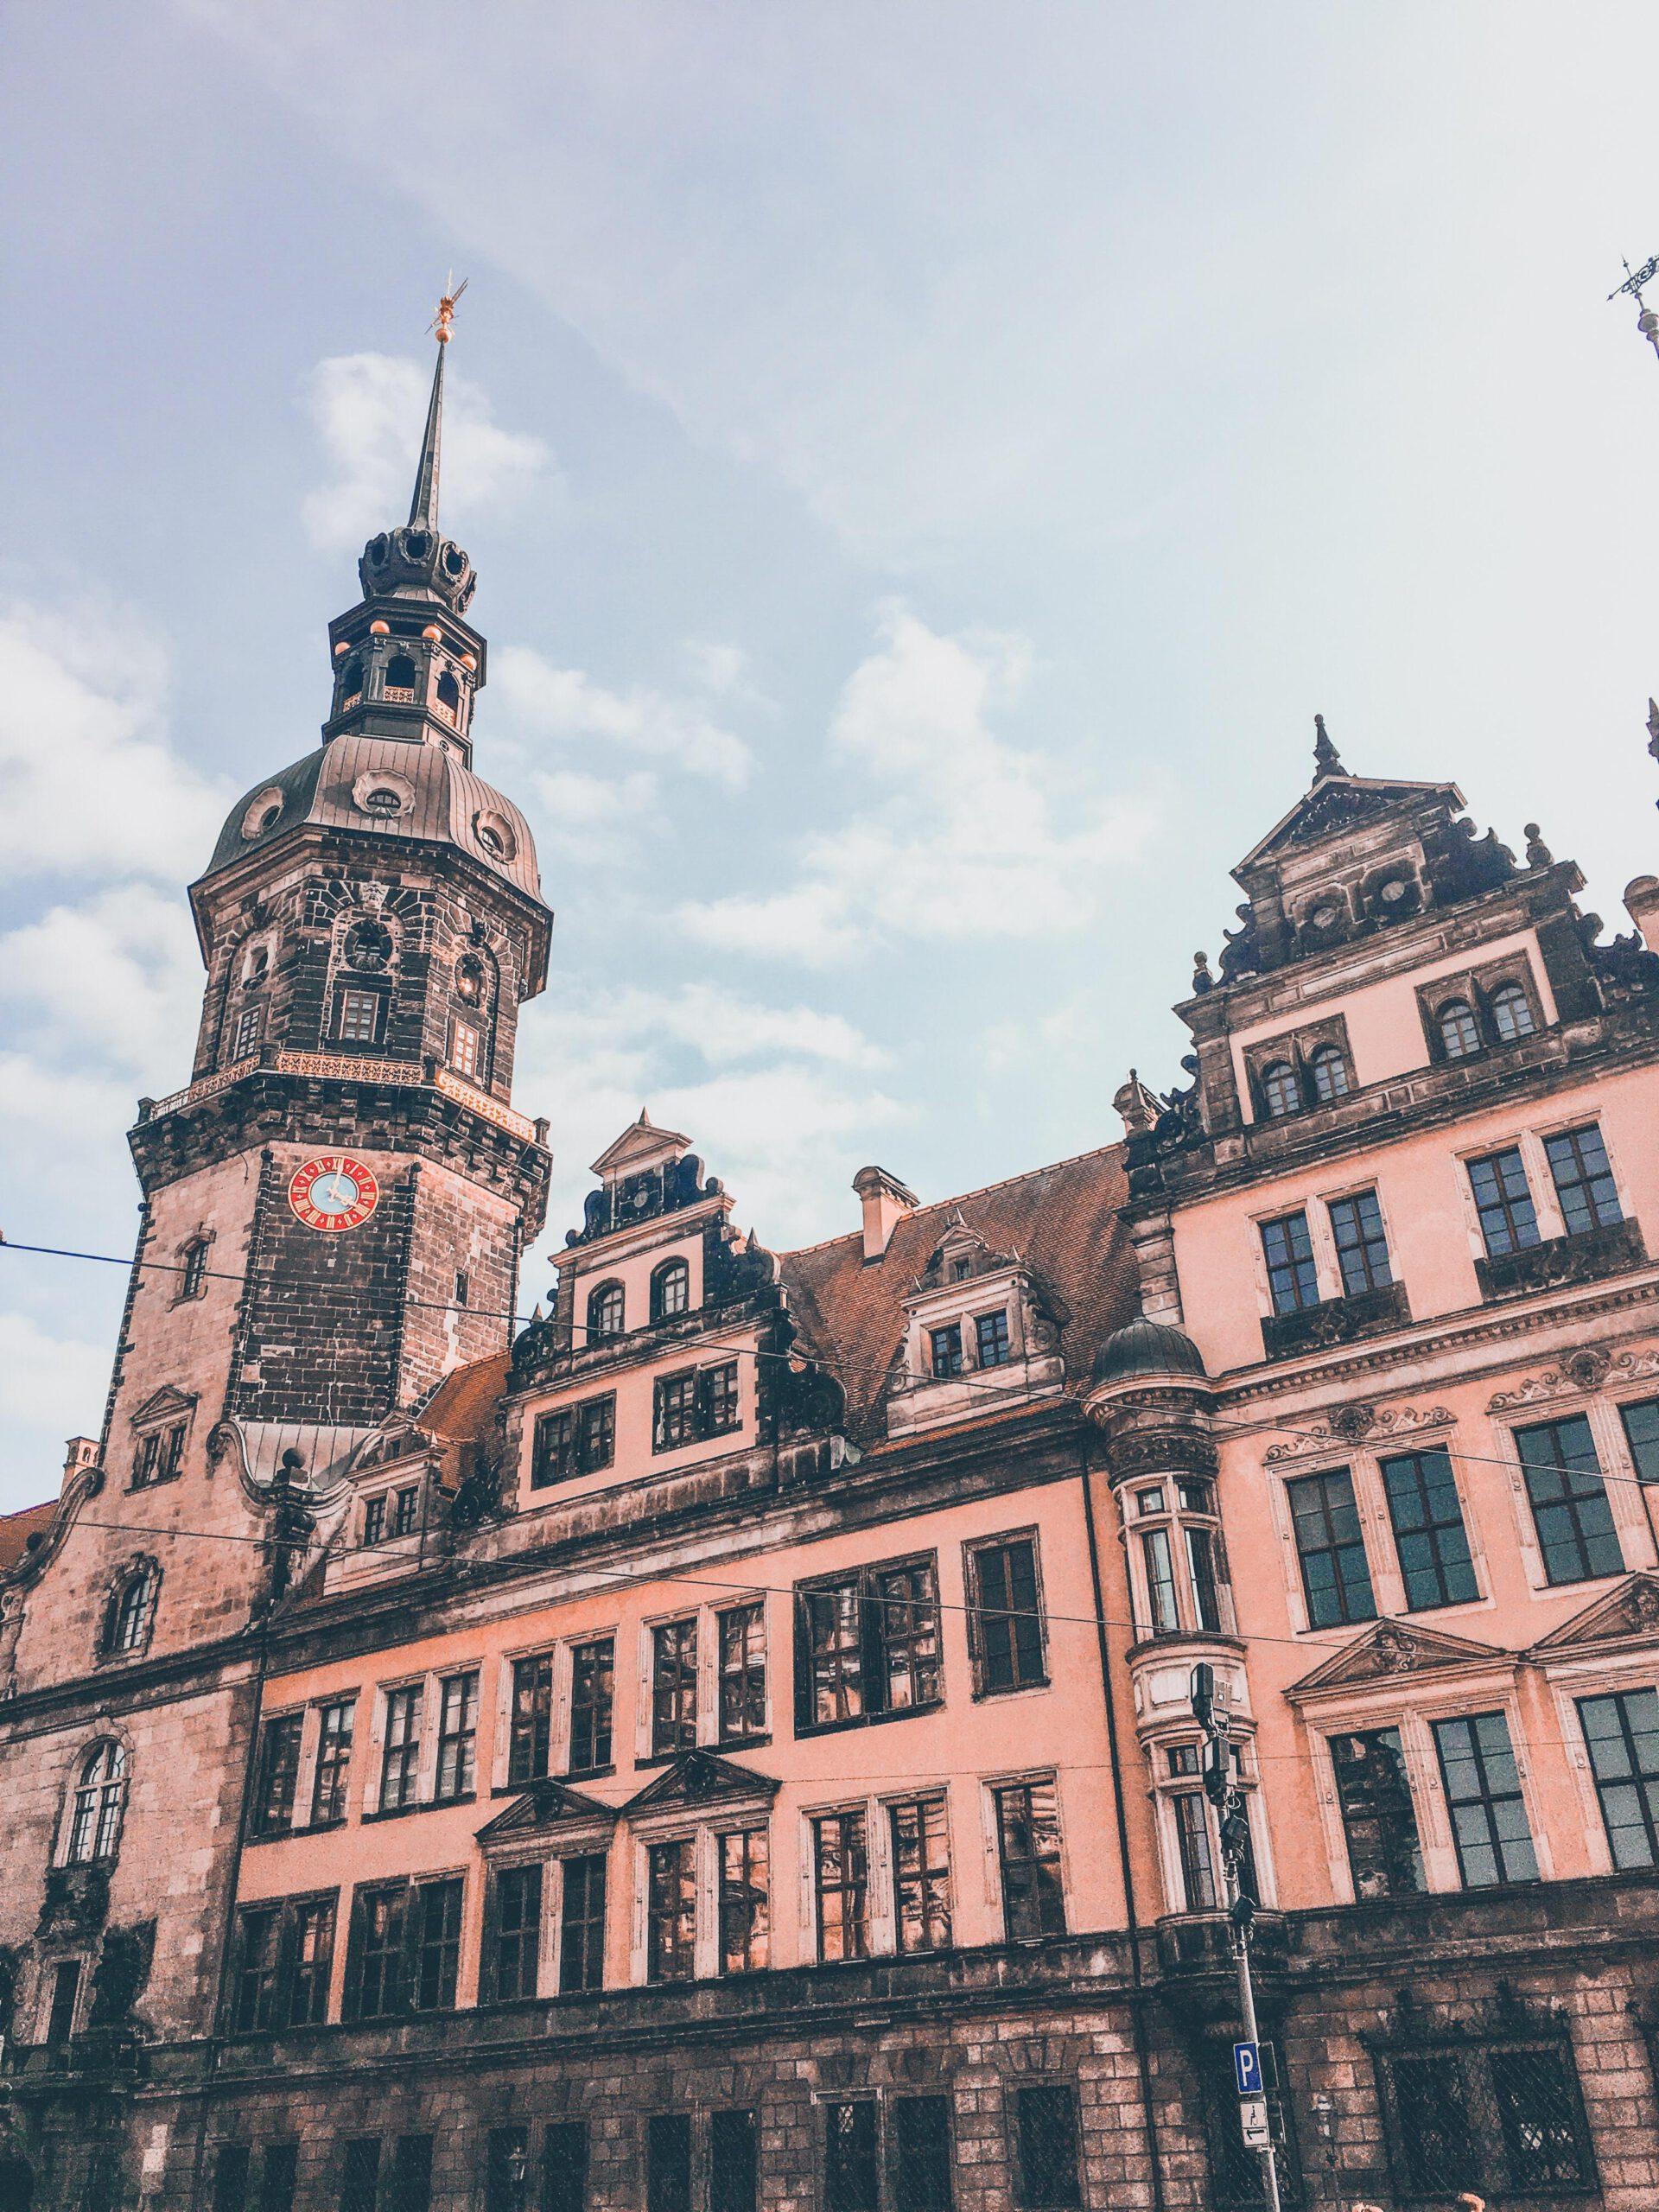 Residenzschloß Dresden - Free Walking Tour Dresden